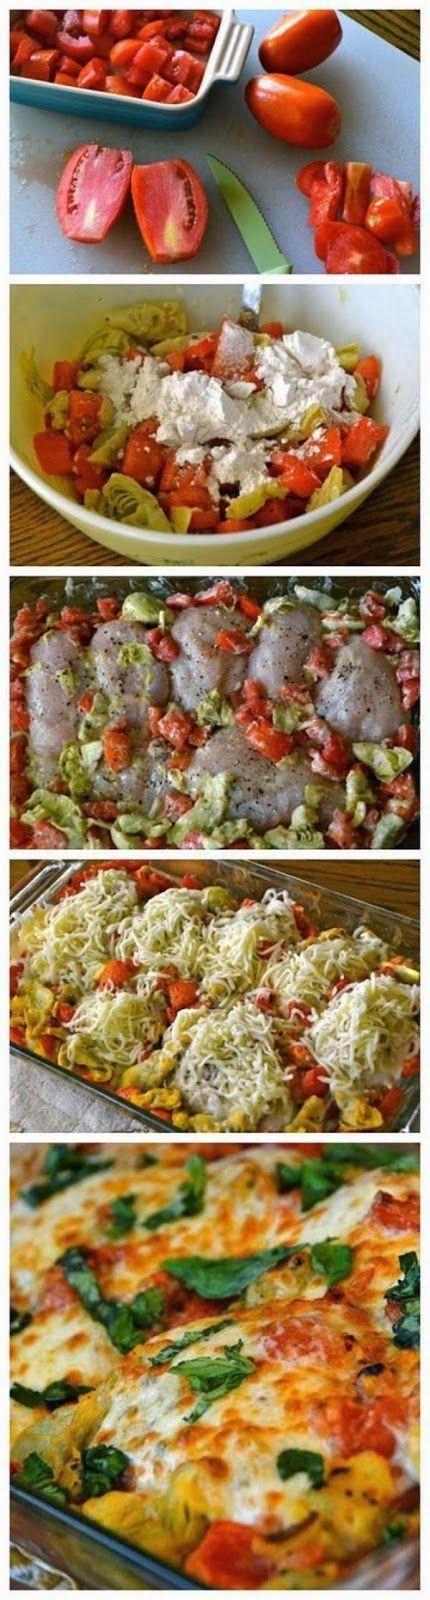 Easy Italian Chicken Bake Recipe ~ easy, delicious, comforting :)